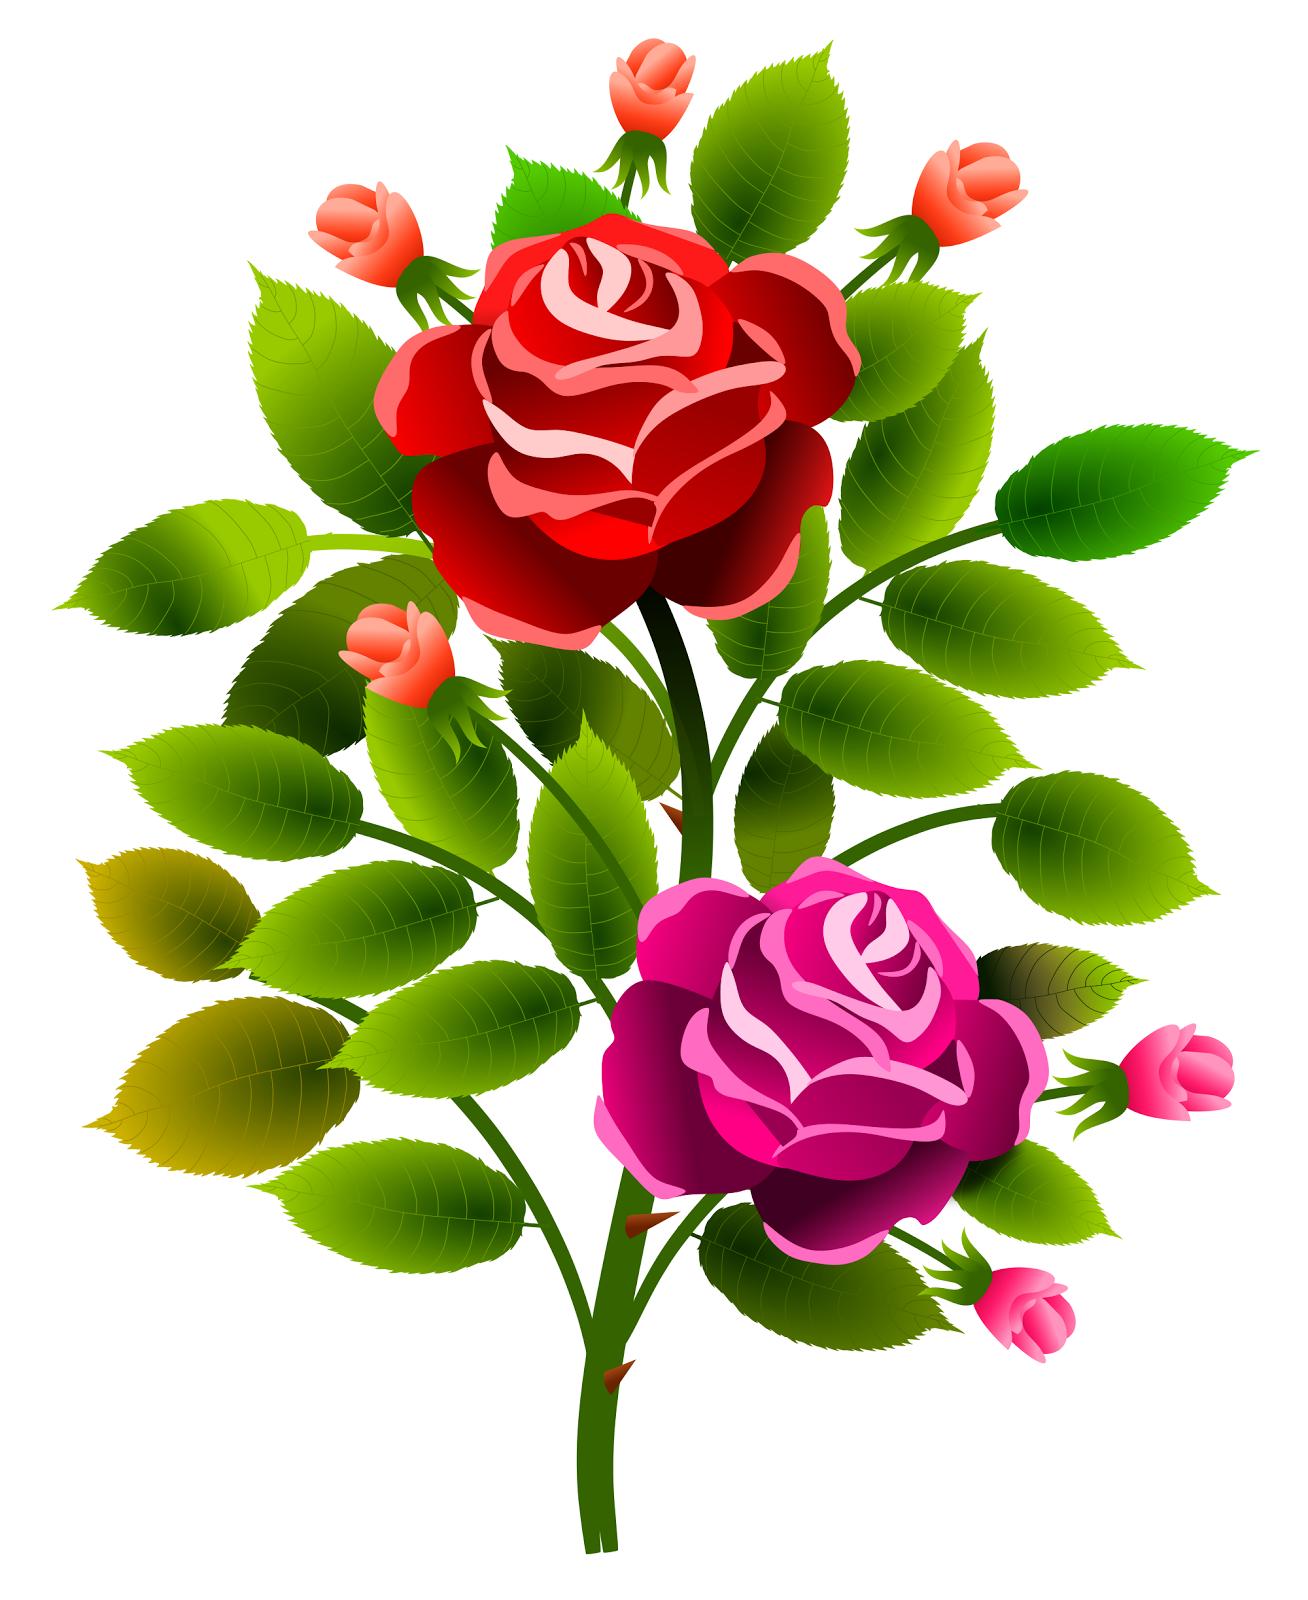 [roses_13072017_2_aalmeidah%5B4%5D]